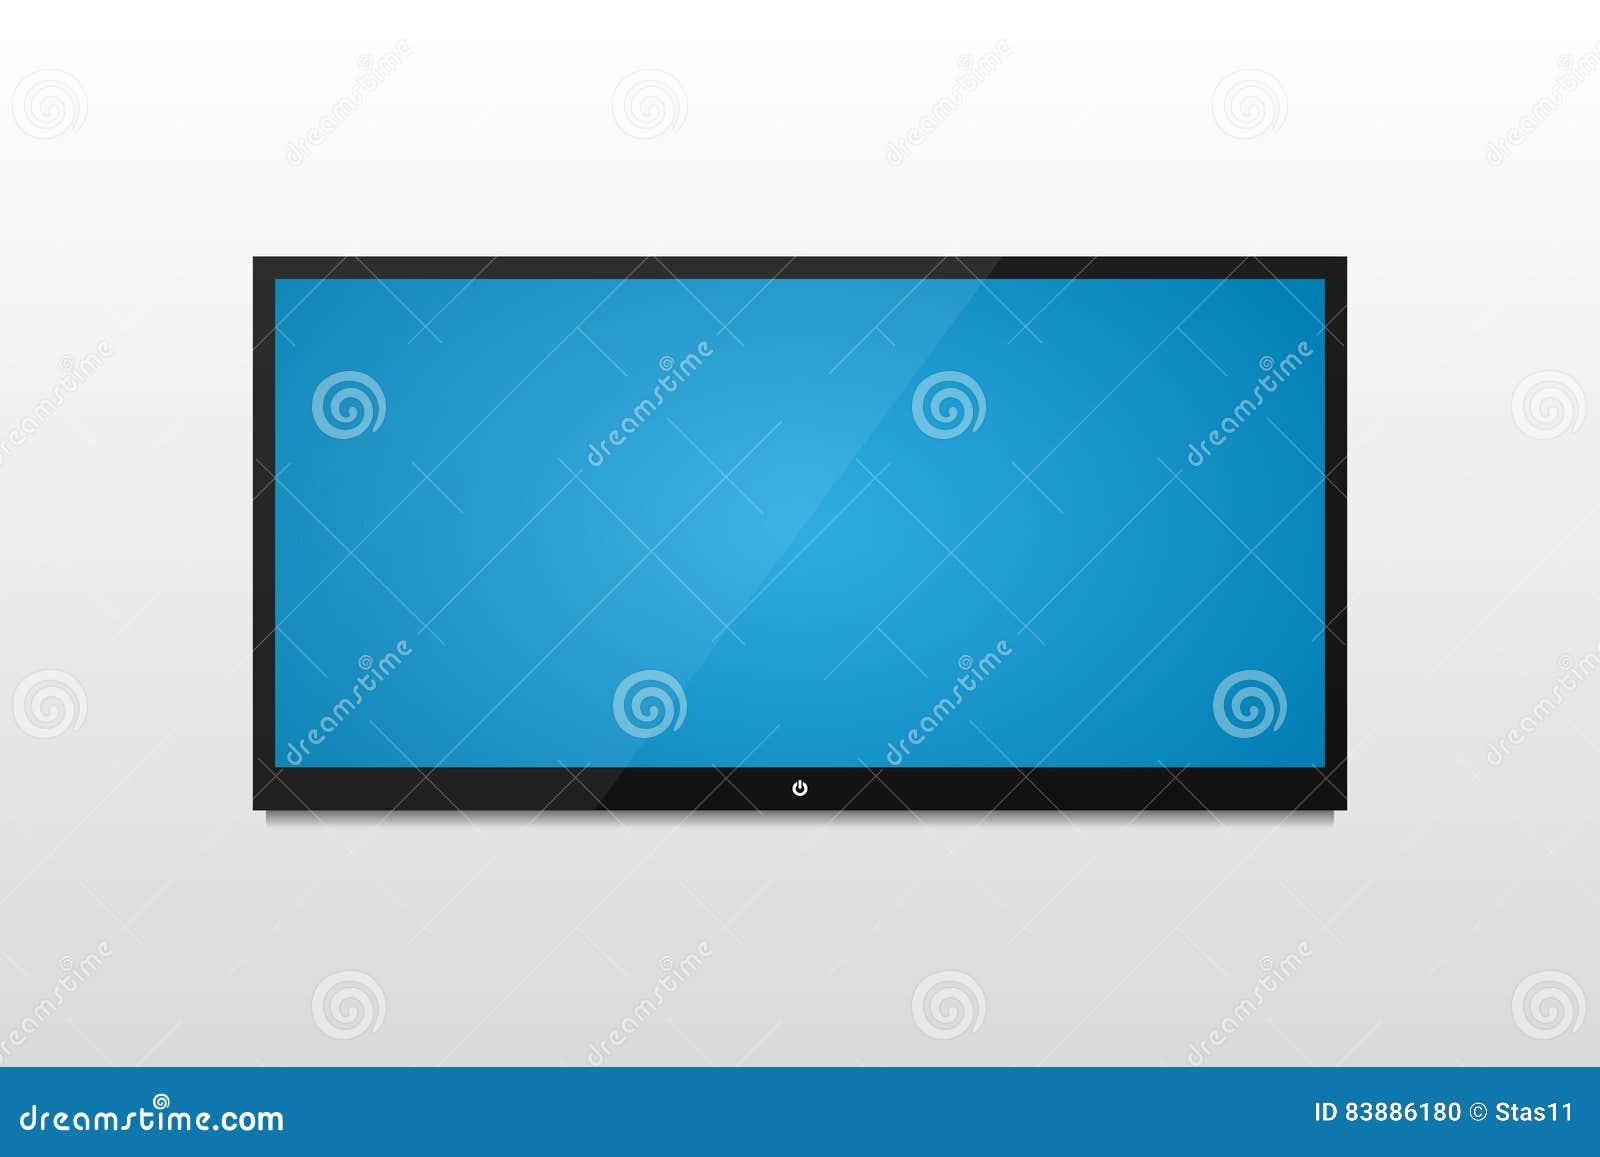 plasma tv sur un mur blanc avec l 39 ombre et l 39 cran bleu illustration de vecteur illustration. Black Bedroom Furniture Sets. Home Design Ideas